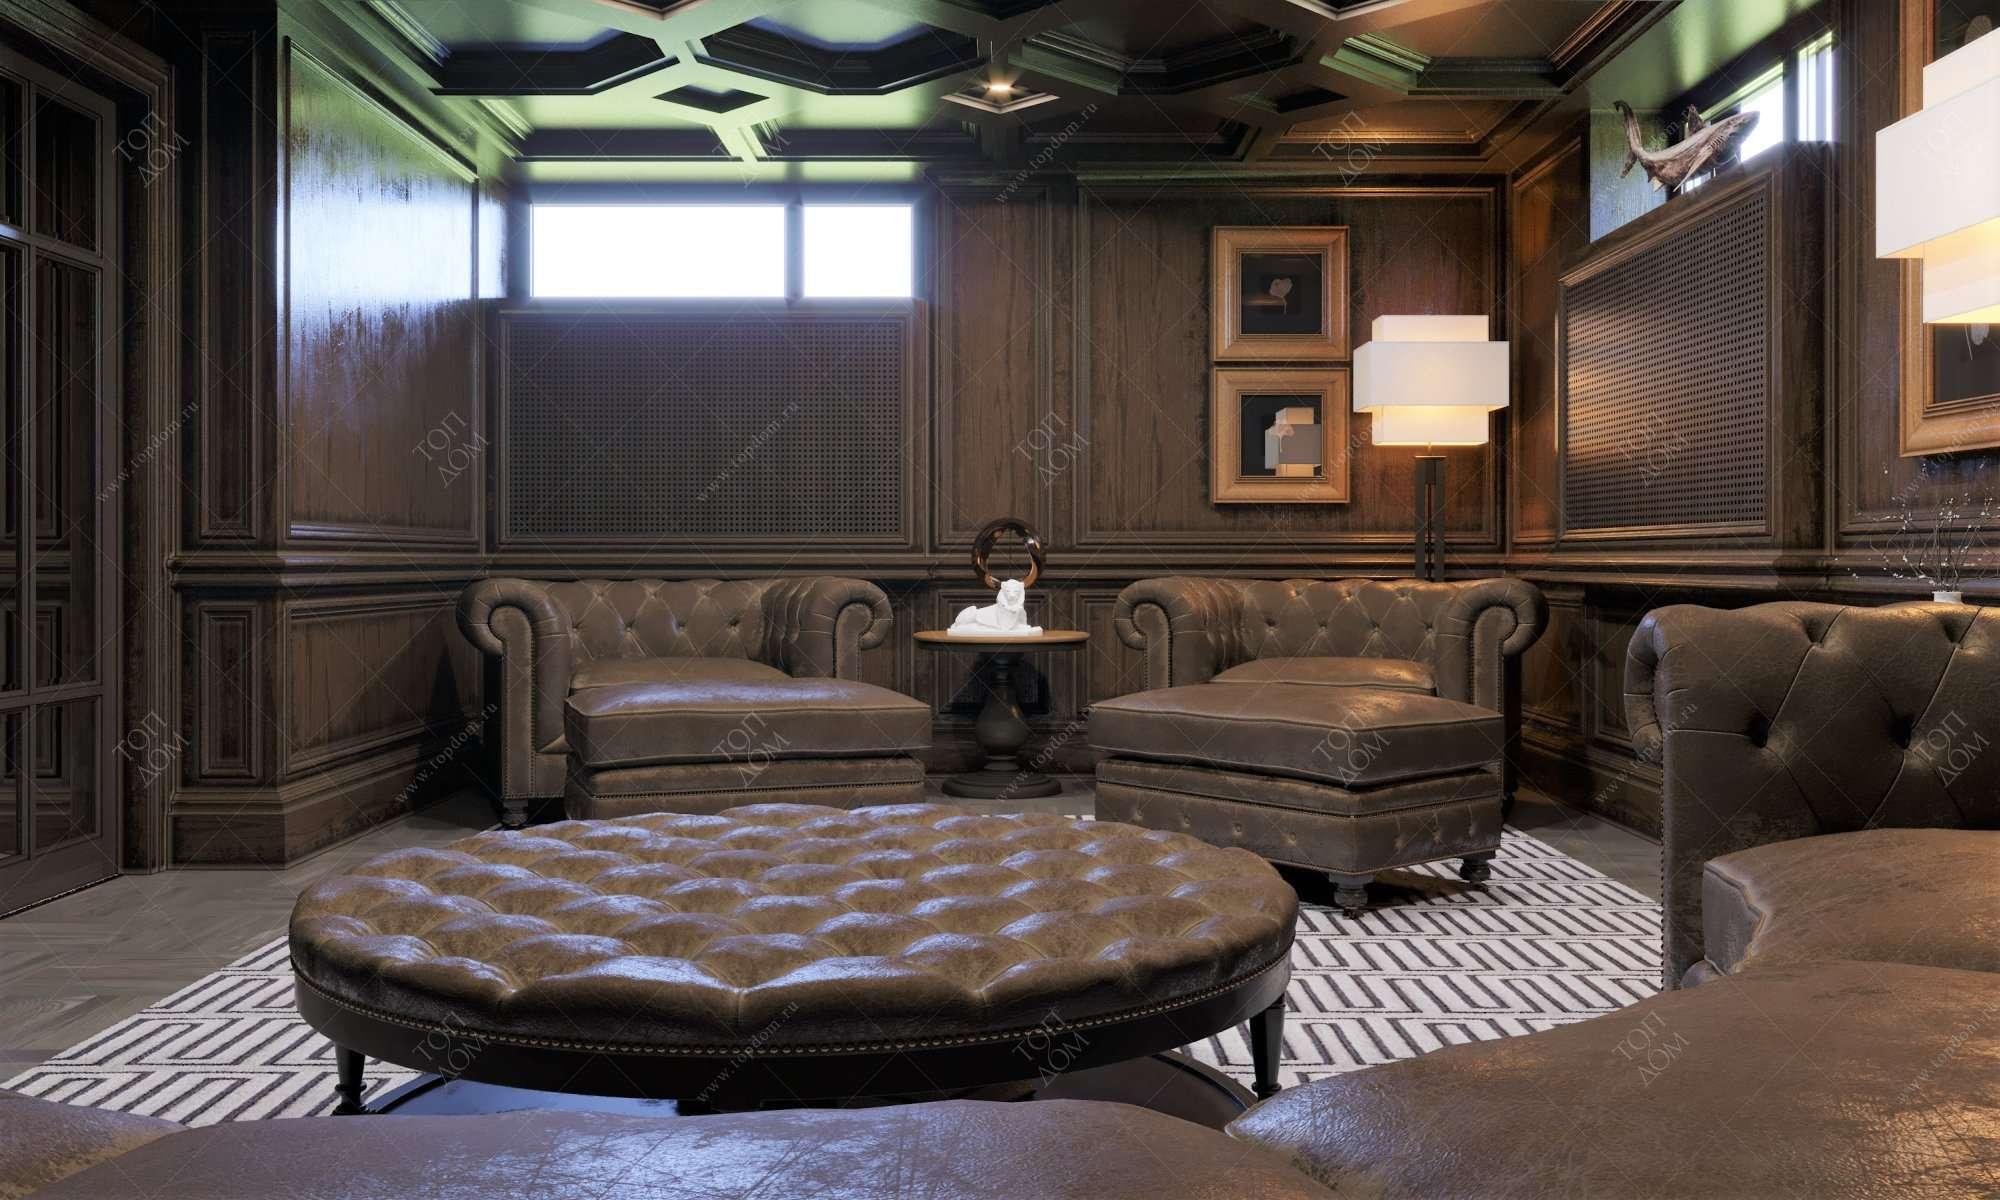 Галерея фото интерьеров домов в классическом стиле